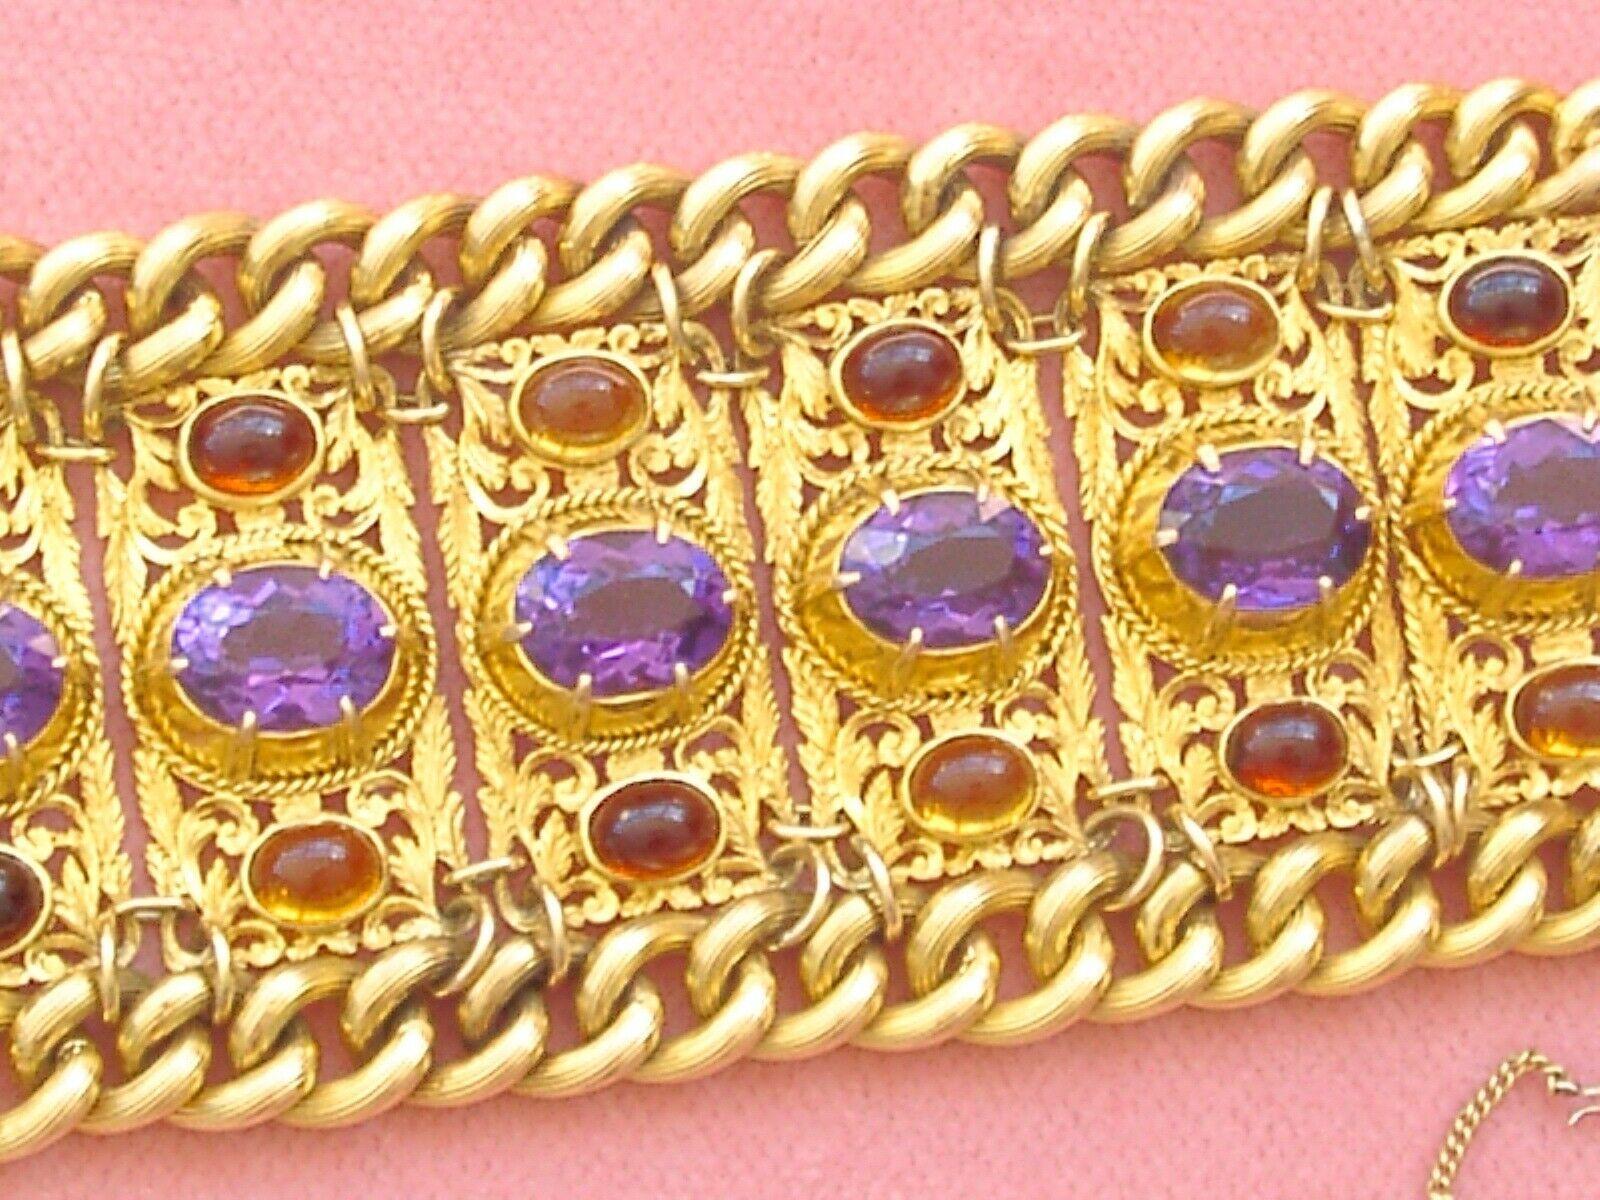 ANTIQUE VICTORIAN AMETHYST CITRINE 152gr 18K HEAVY CUFF STATEMENT BRACELET c1880